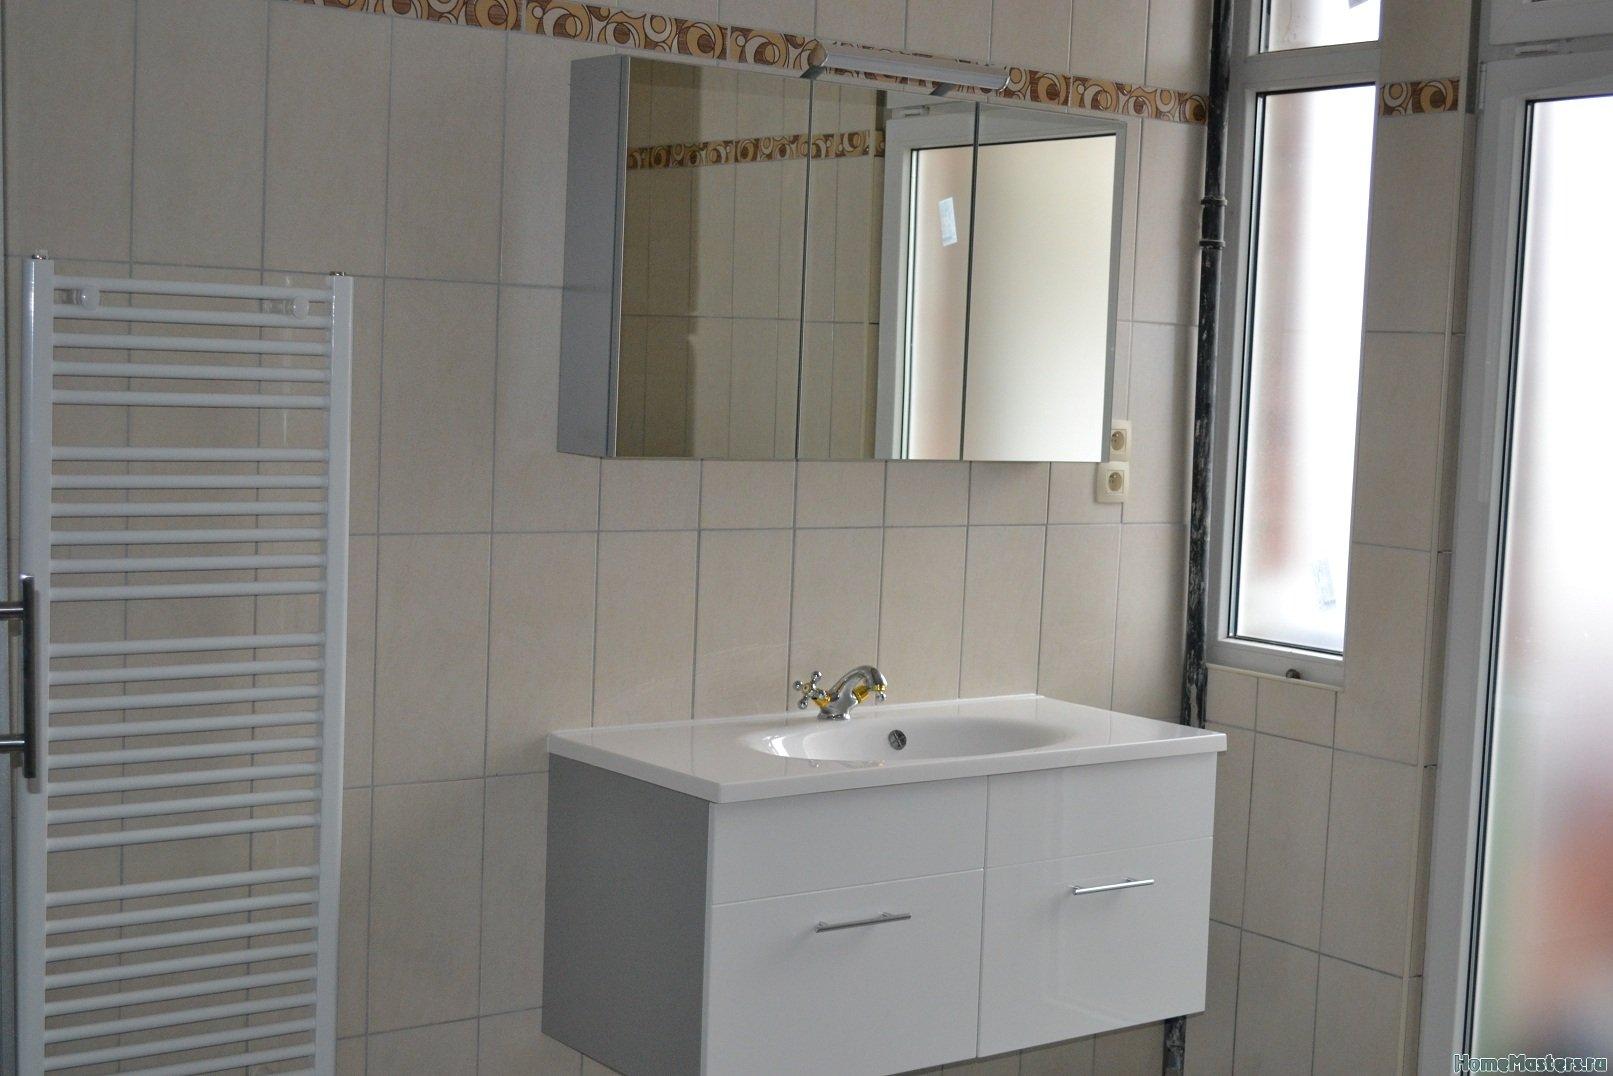 Ремонт ванной комнаты. Стены и пол.